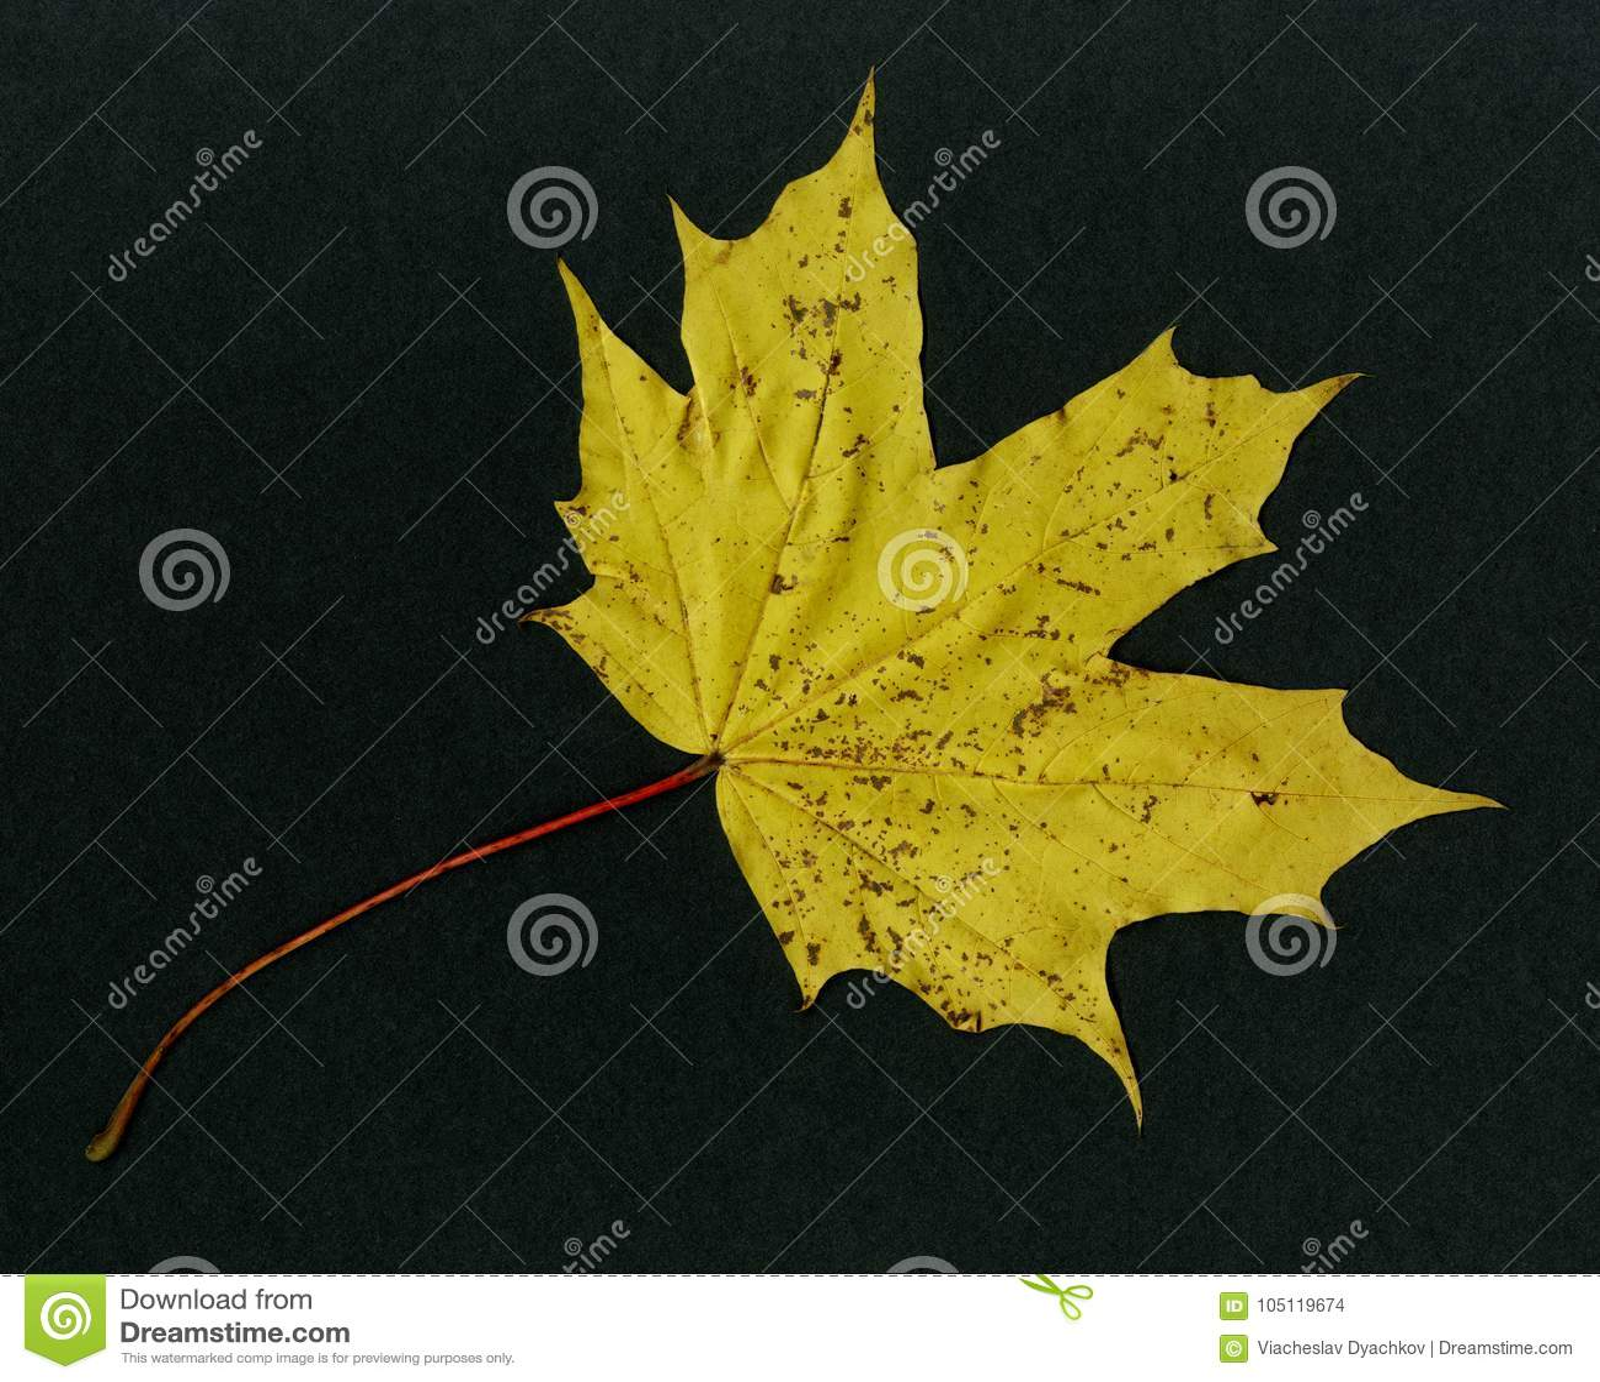 在黑背景-黄色叶子加拿大槭树木头